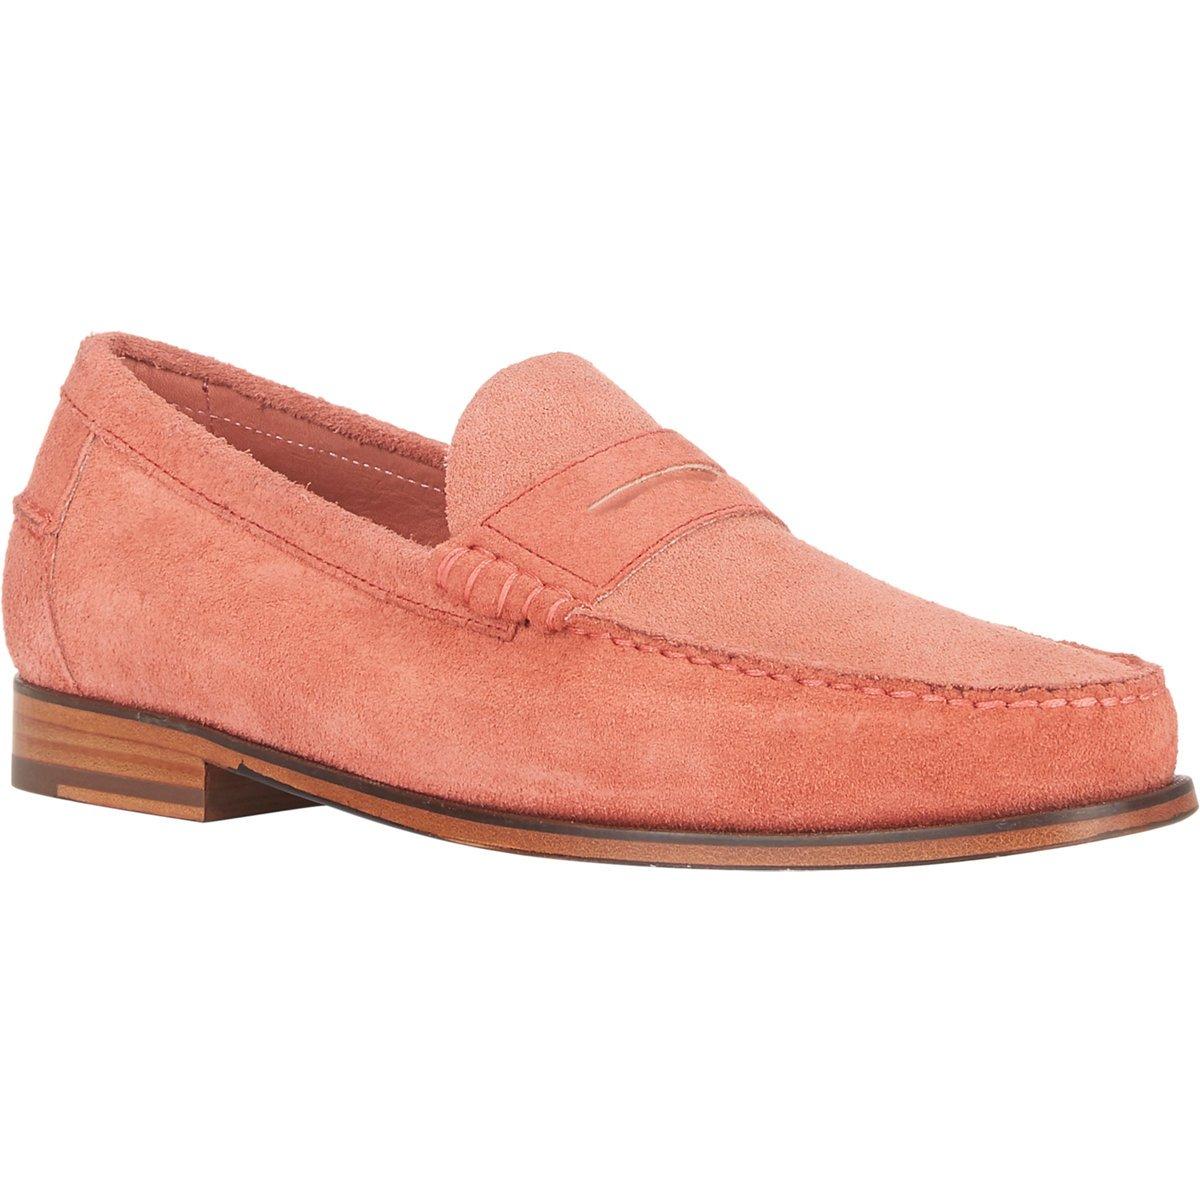 Pastel Pink Shoes Heel